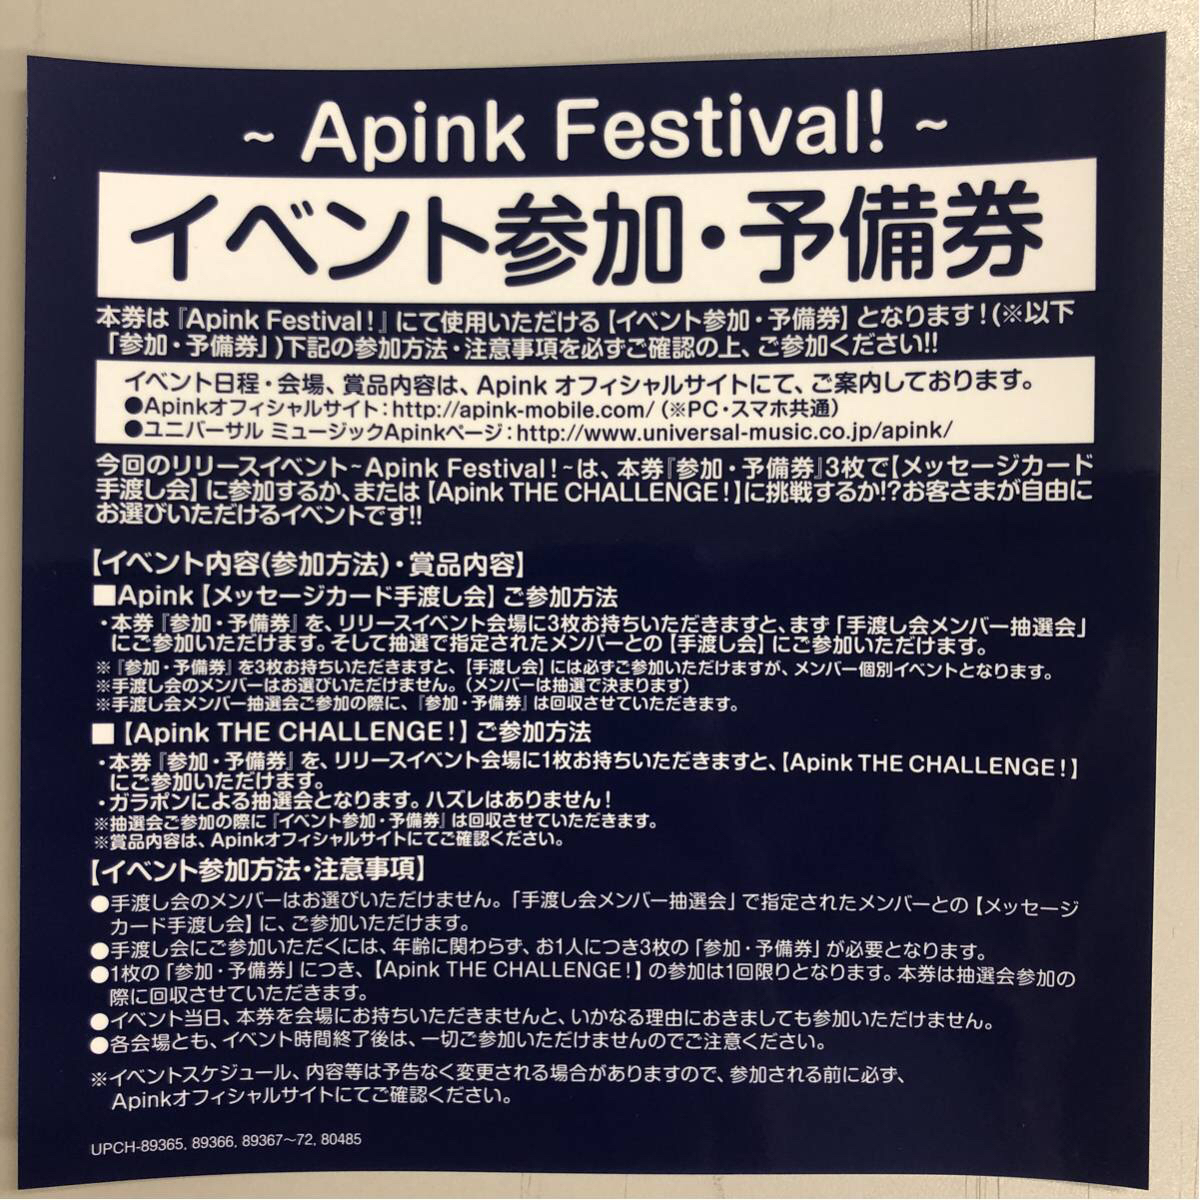 Apink 【Orion】 イベント参加・予備券 20枚 ライブグッズの画像